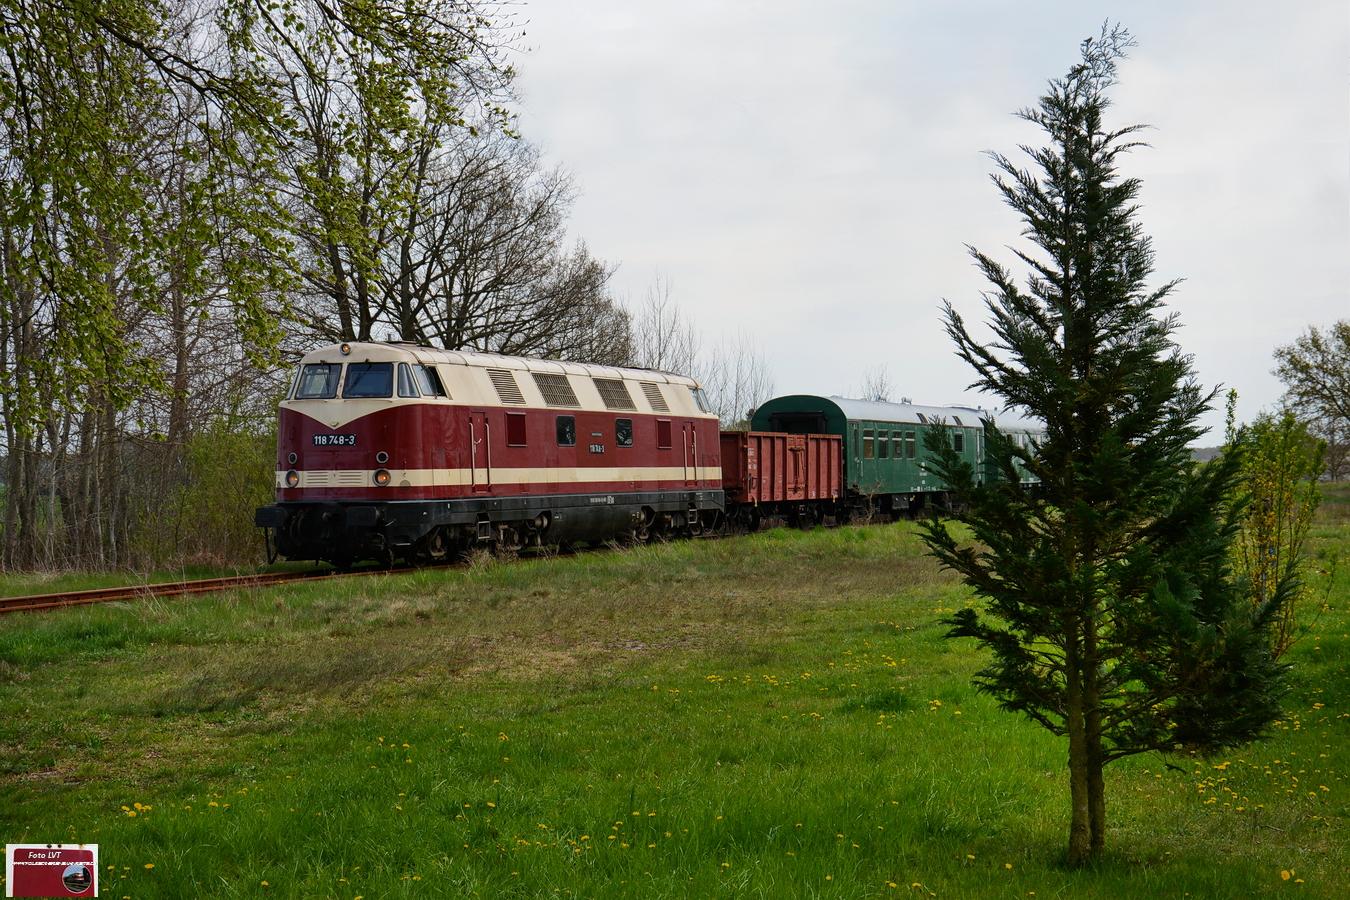 118 748 Kleinbahn